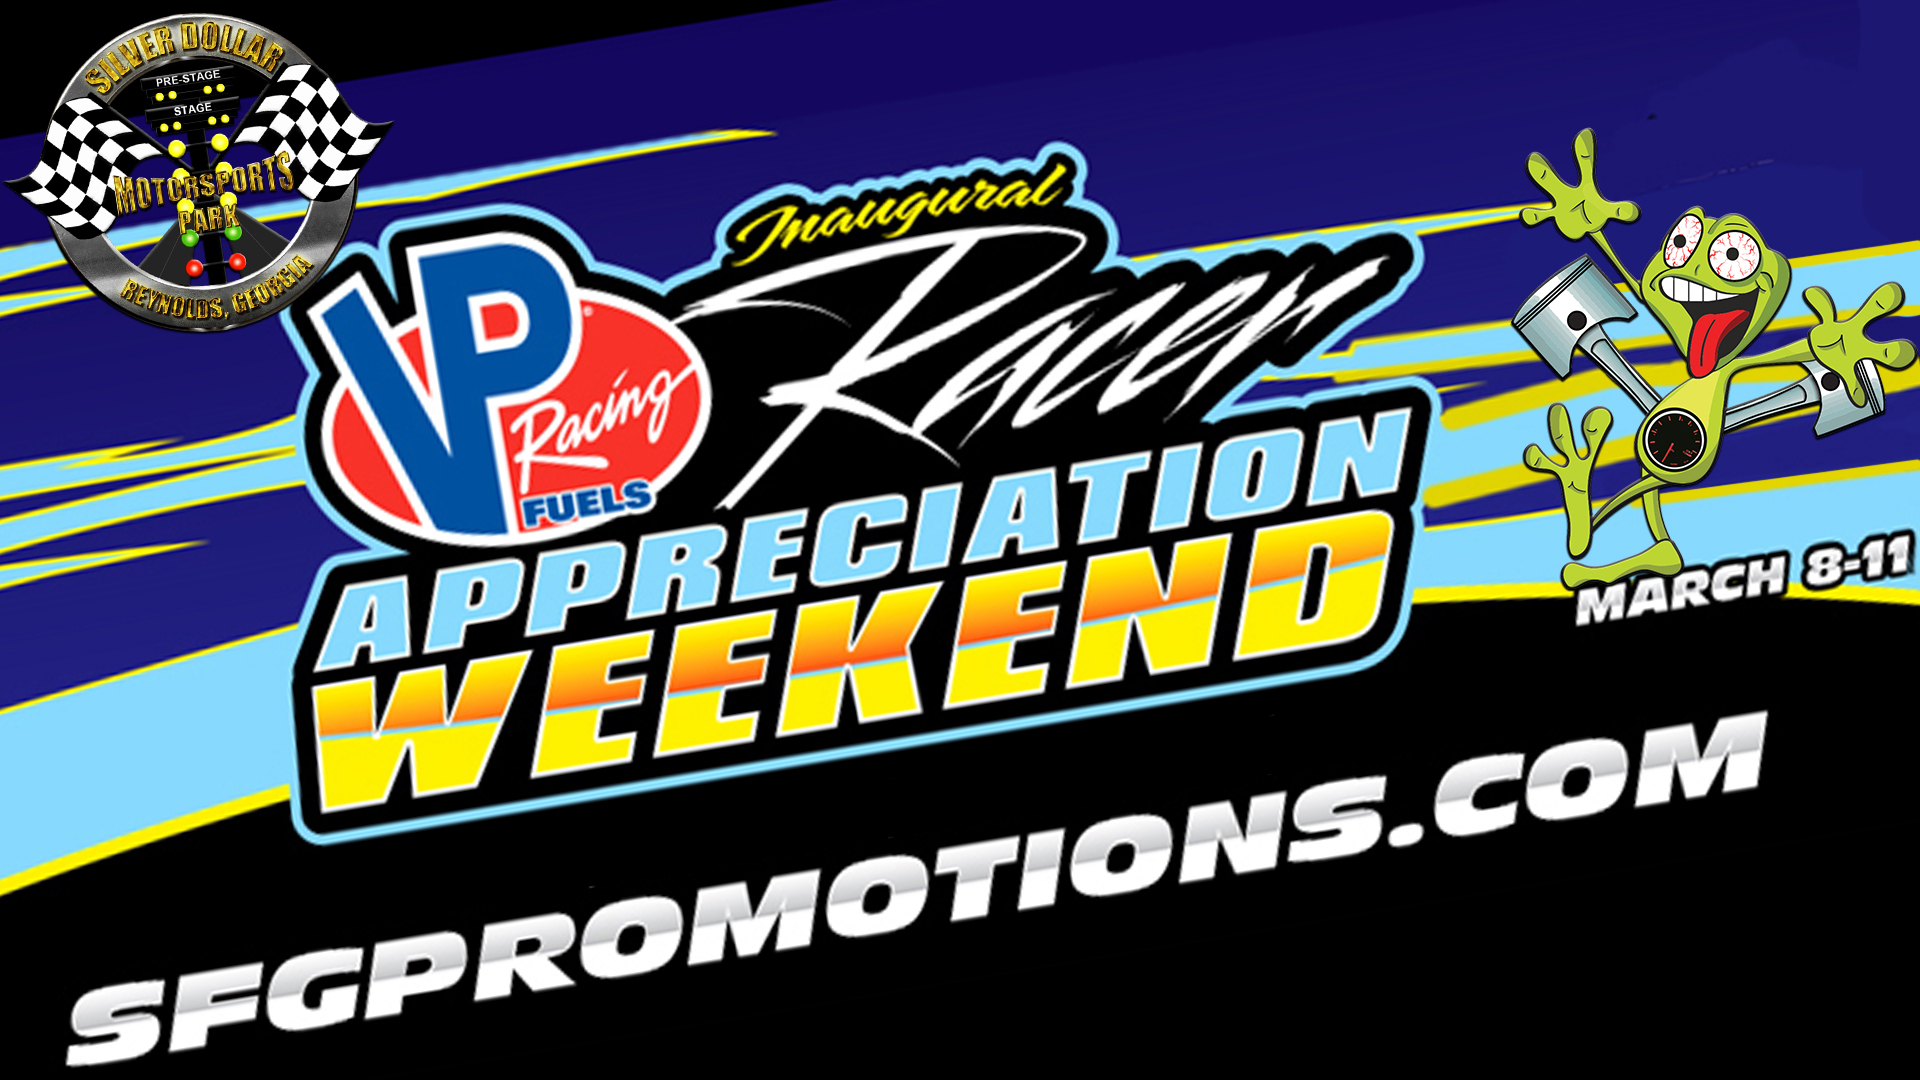 March8-11_VP-RacerApp_Wps3